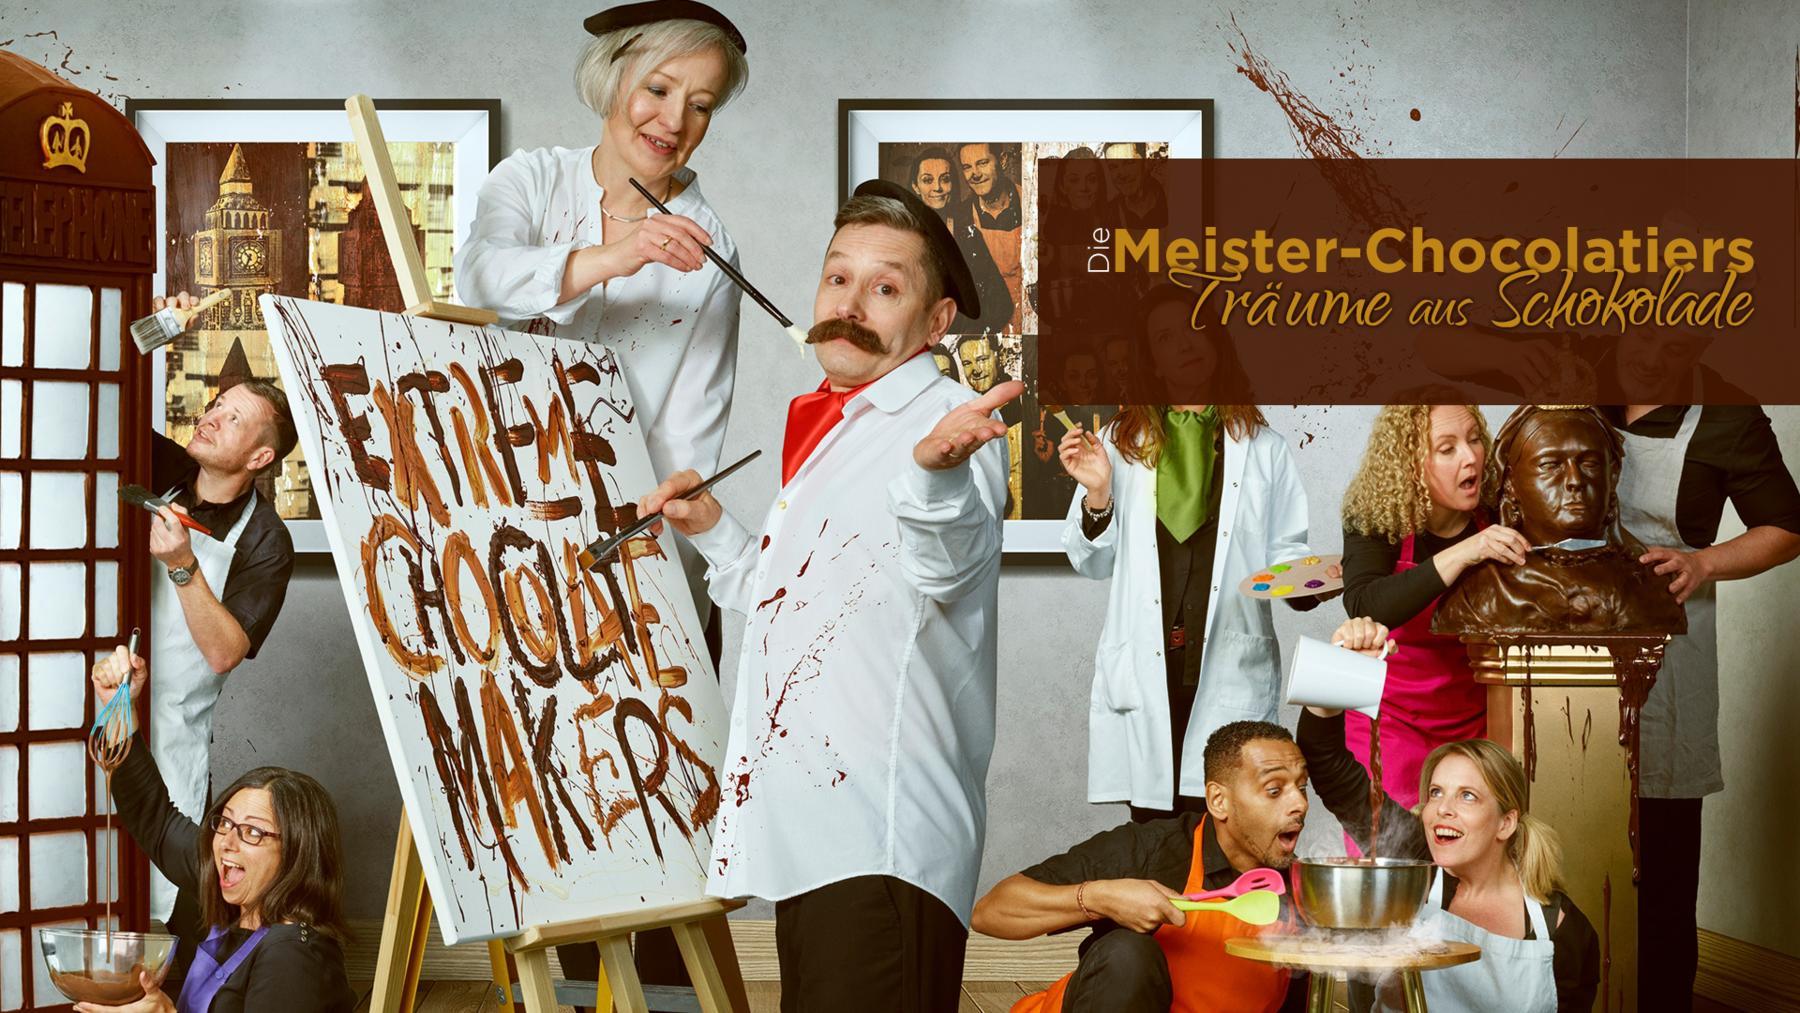 die-meister-chocolatiers-traeume-aus-schokolade